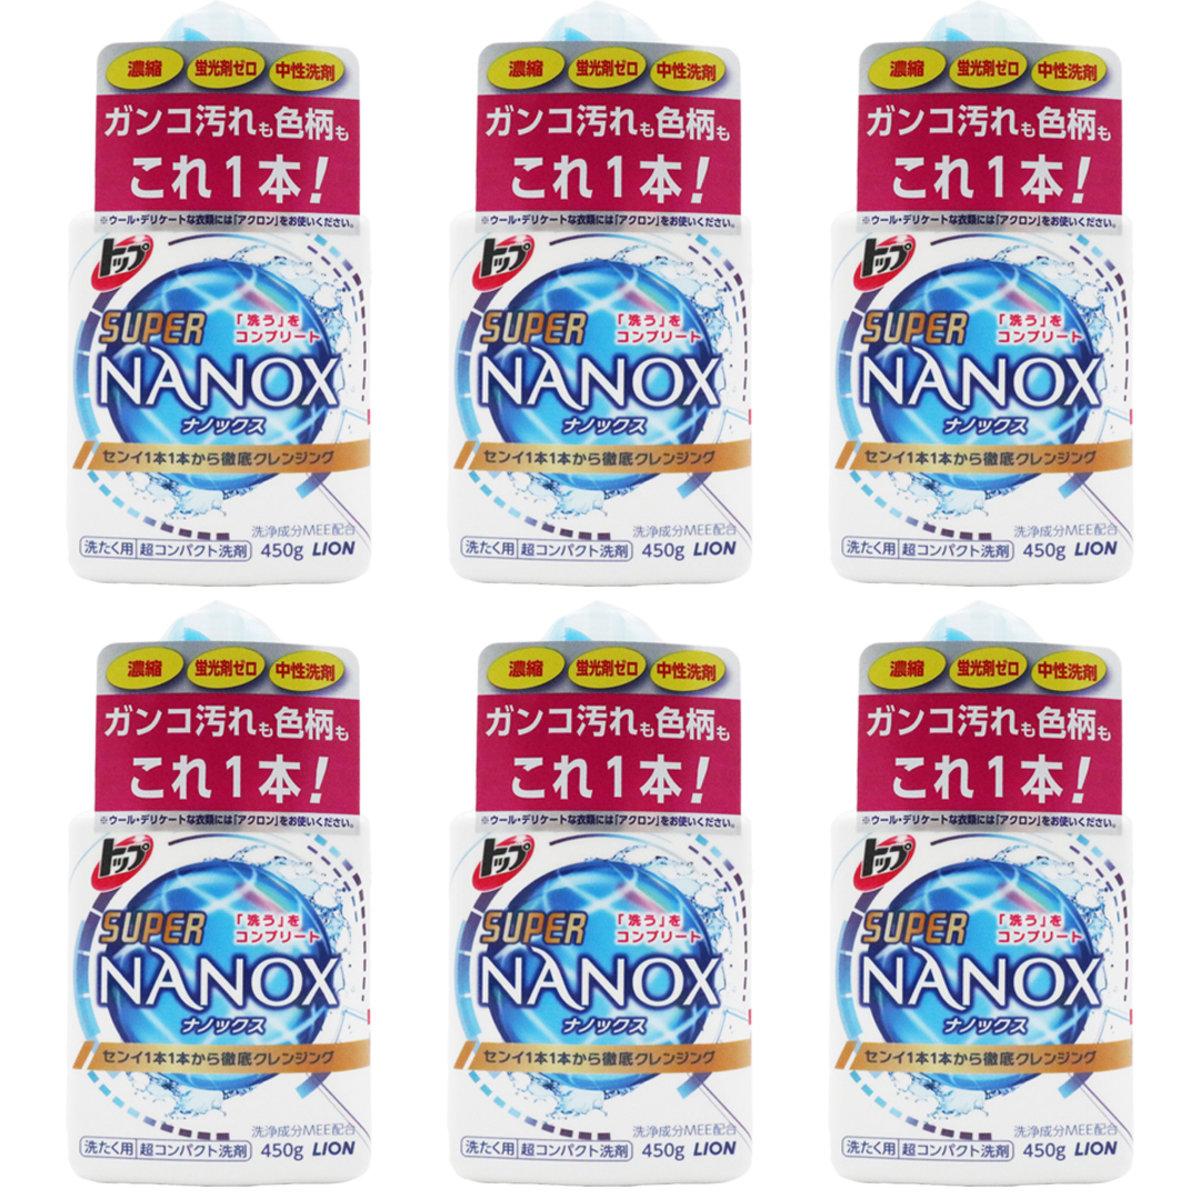 【銷量No.1】納米樂 Super NANOX 超濃縮洗衣液 450g 6支